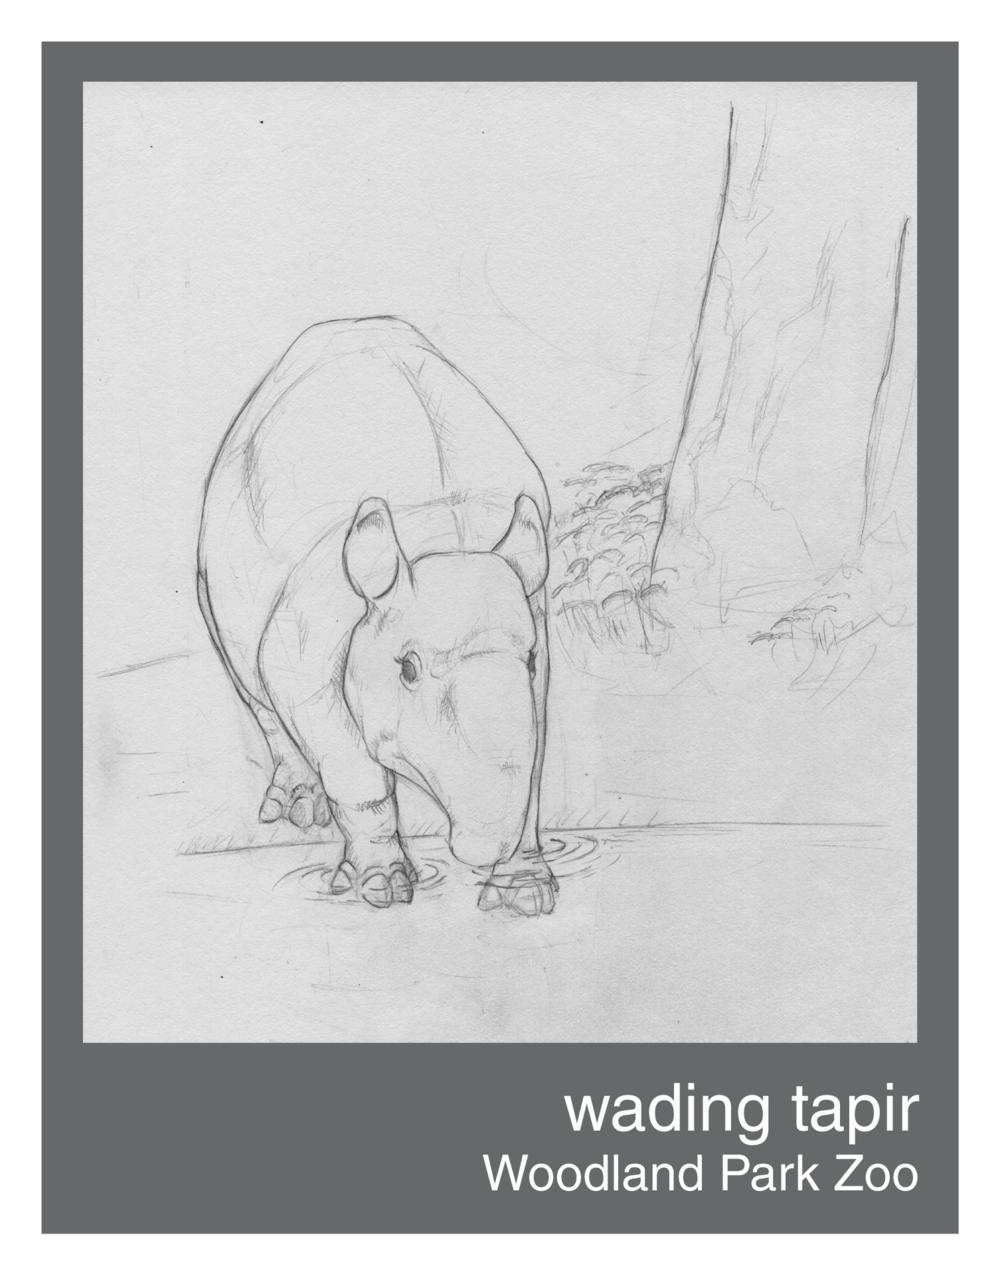 wading_tapir--150ppi.png